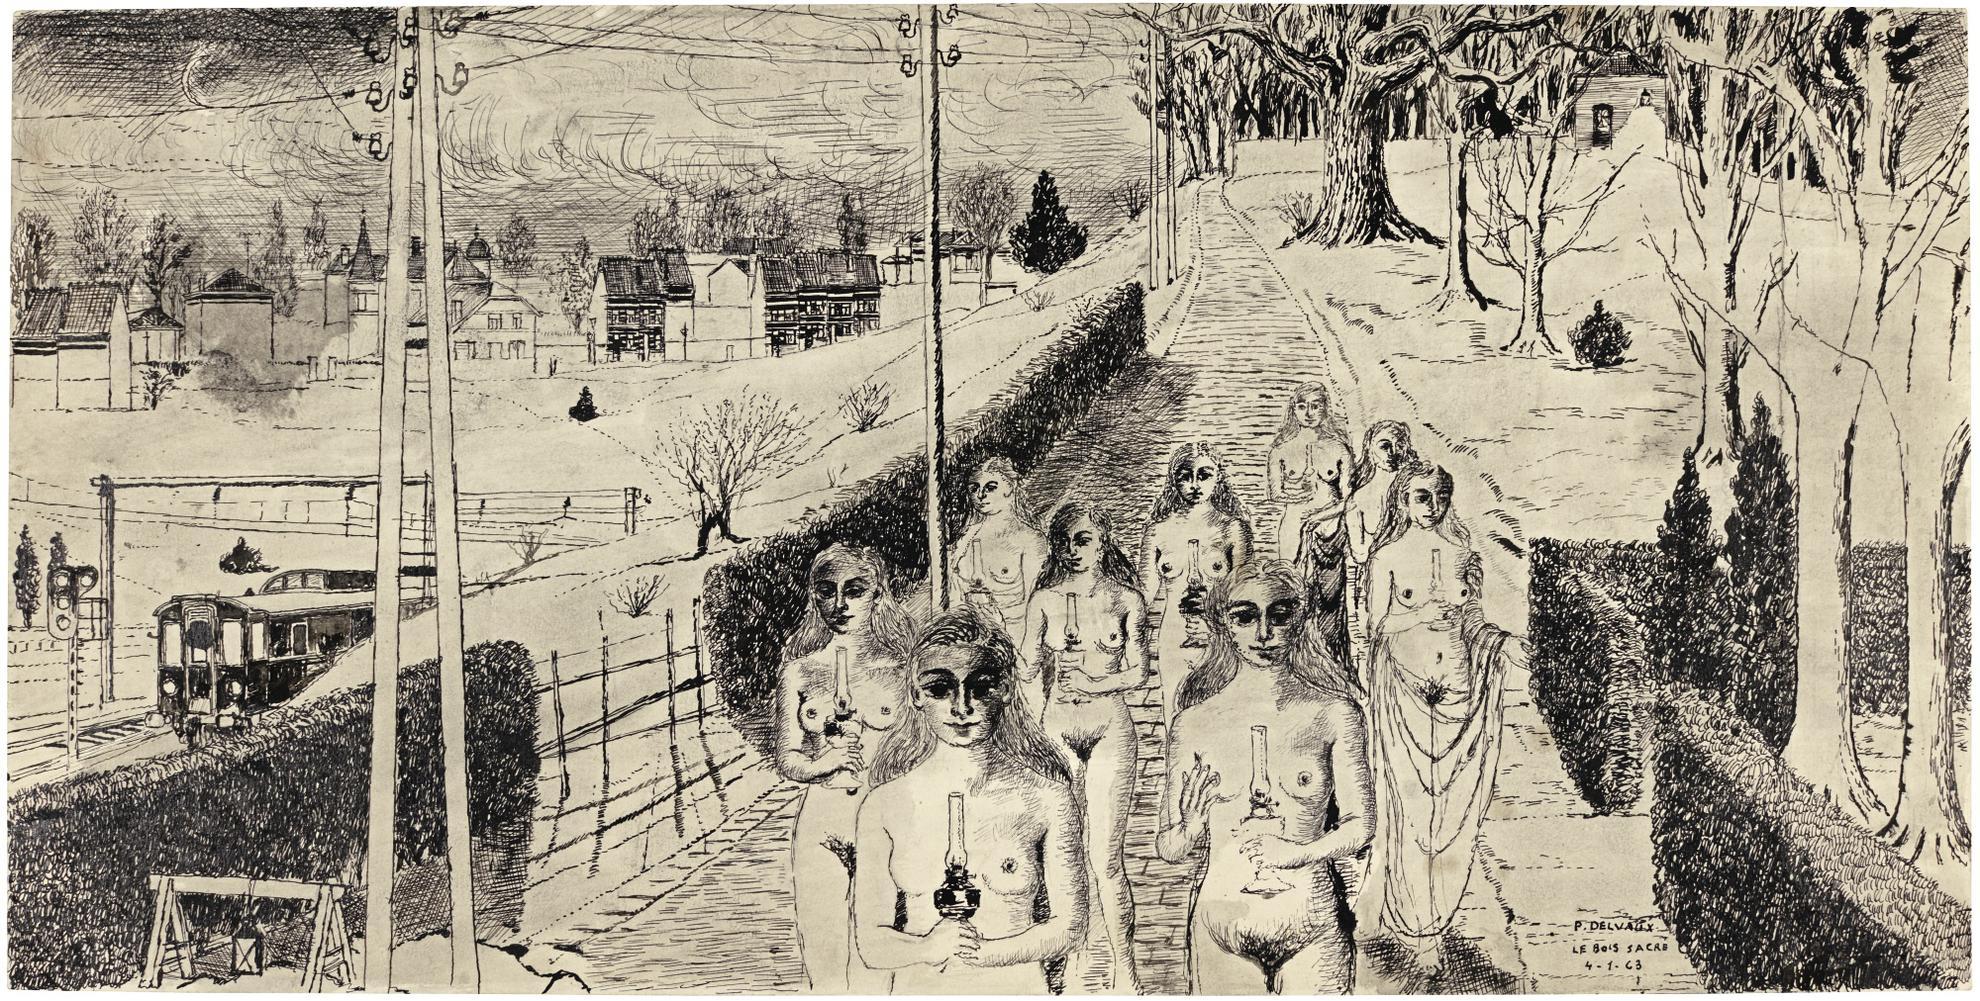 Paul Delvaux-Le Bois Sacre-1963